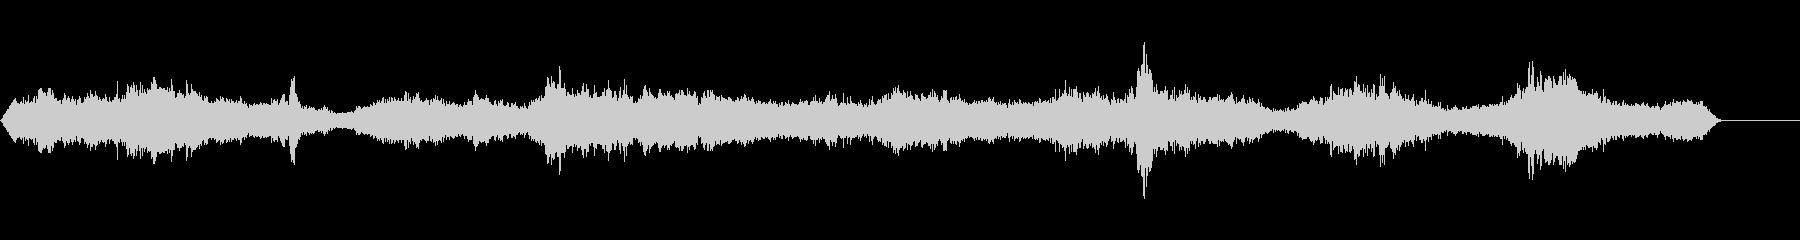 ゾンビ(グループ)ホイッスルブレス1の未再生の波形